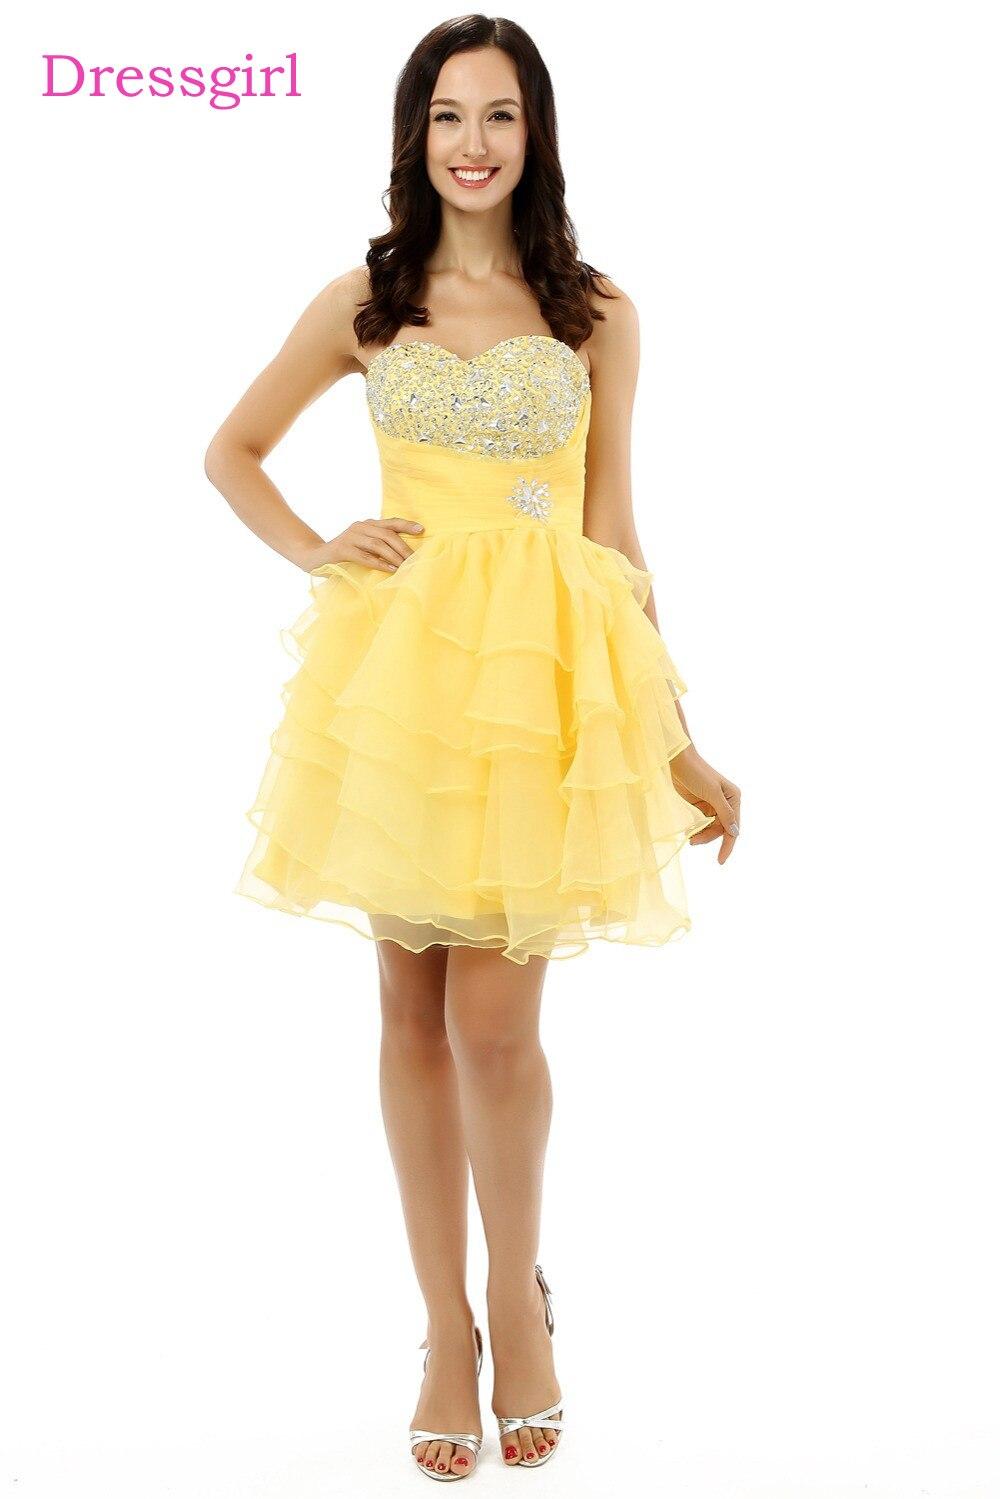 Best желтый 2018 Бальные платья A-Line Милая Короткие мини органзы бисером кристаллы Многоуровневое Коктейльные платья